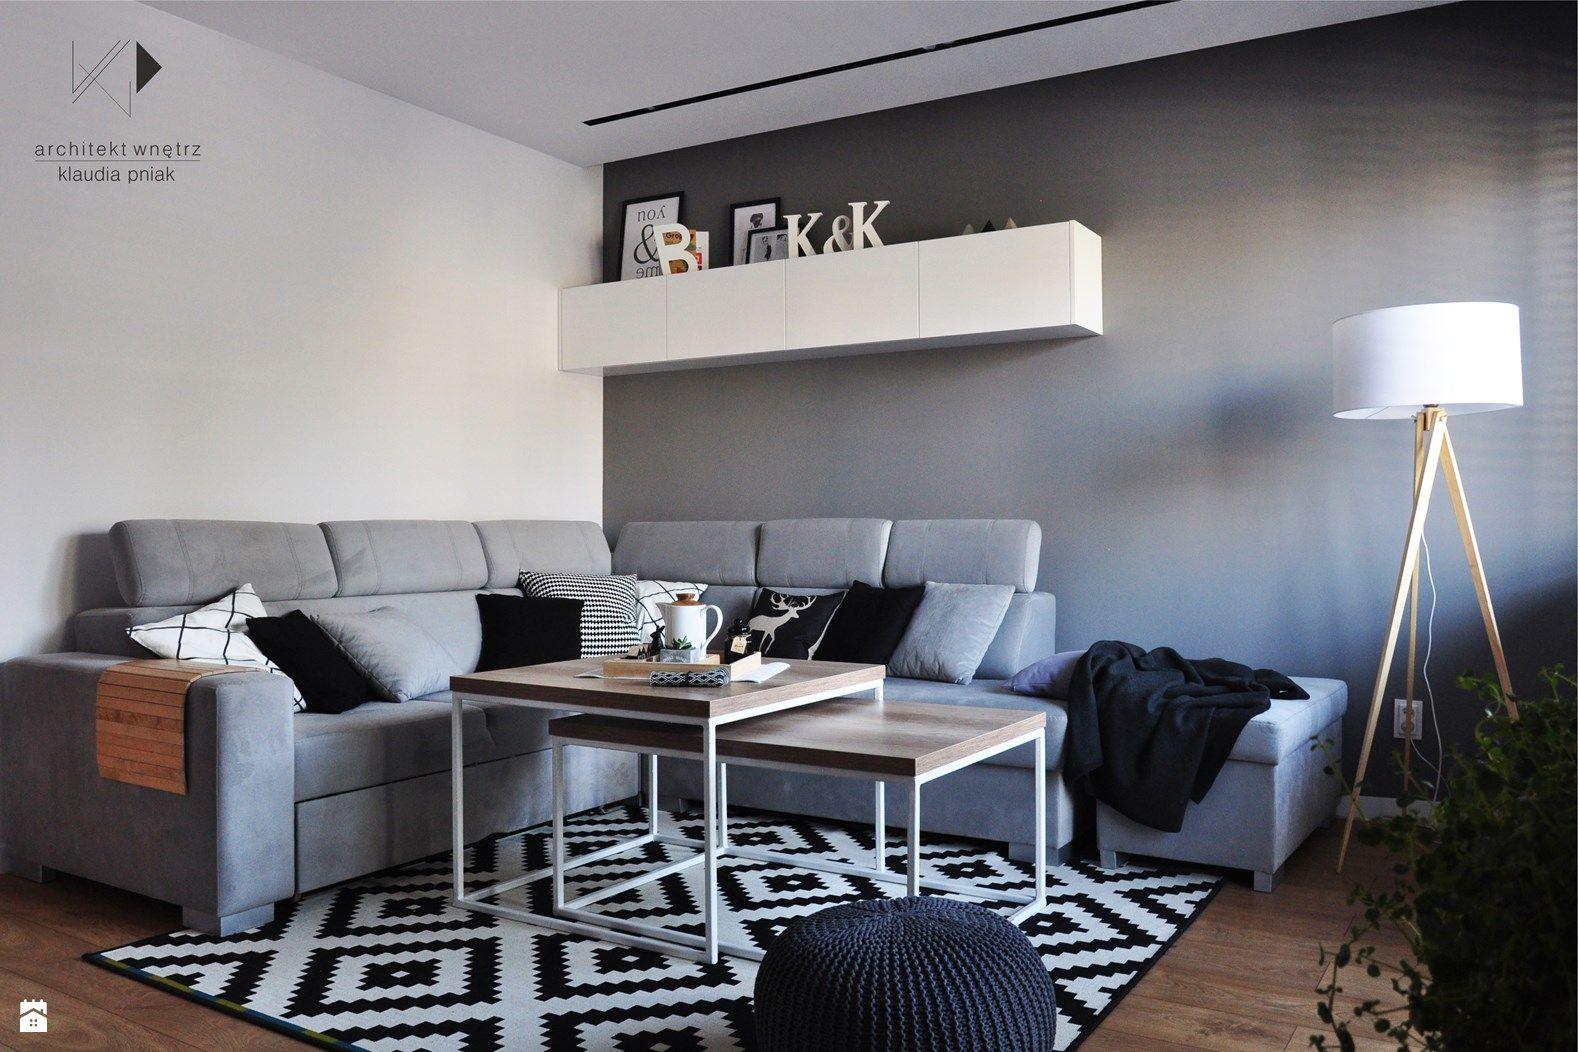 Biało czarny dywan zdjęcie od architekt wnętrz klaudia pniak salon styl nowoczesny architekt wnętrz klaudia pniak